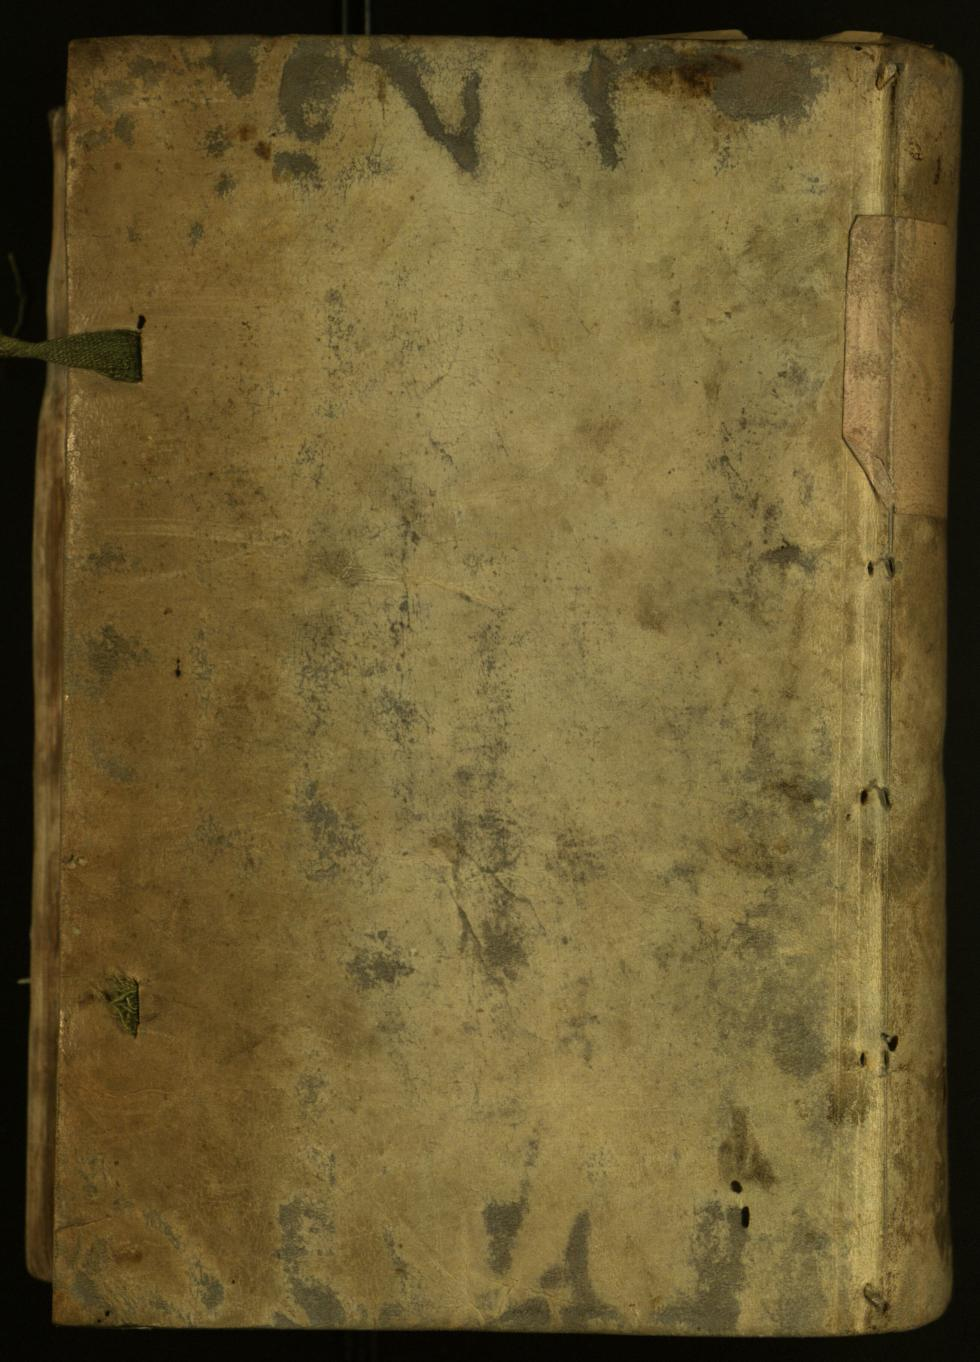 Civic Archives of Bozen-Bolzano - BOhisto Minutes of the council 1626